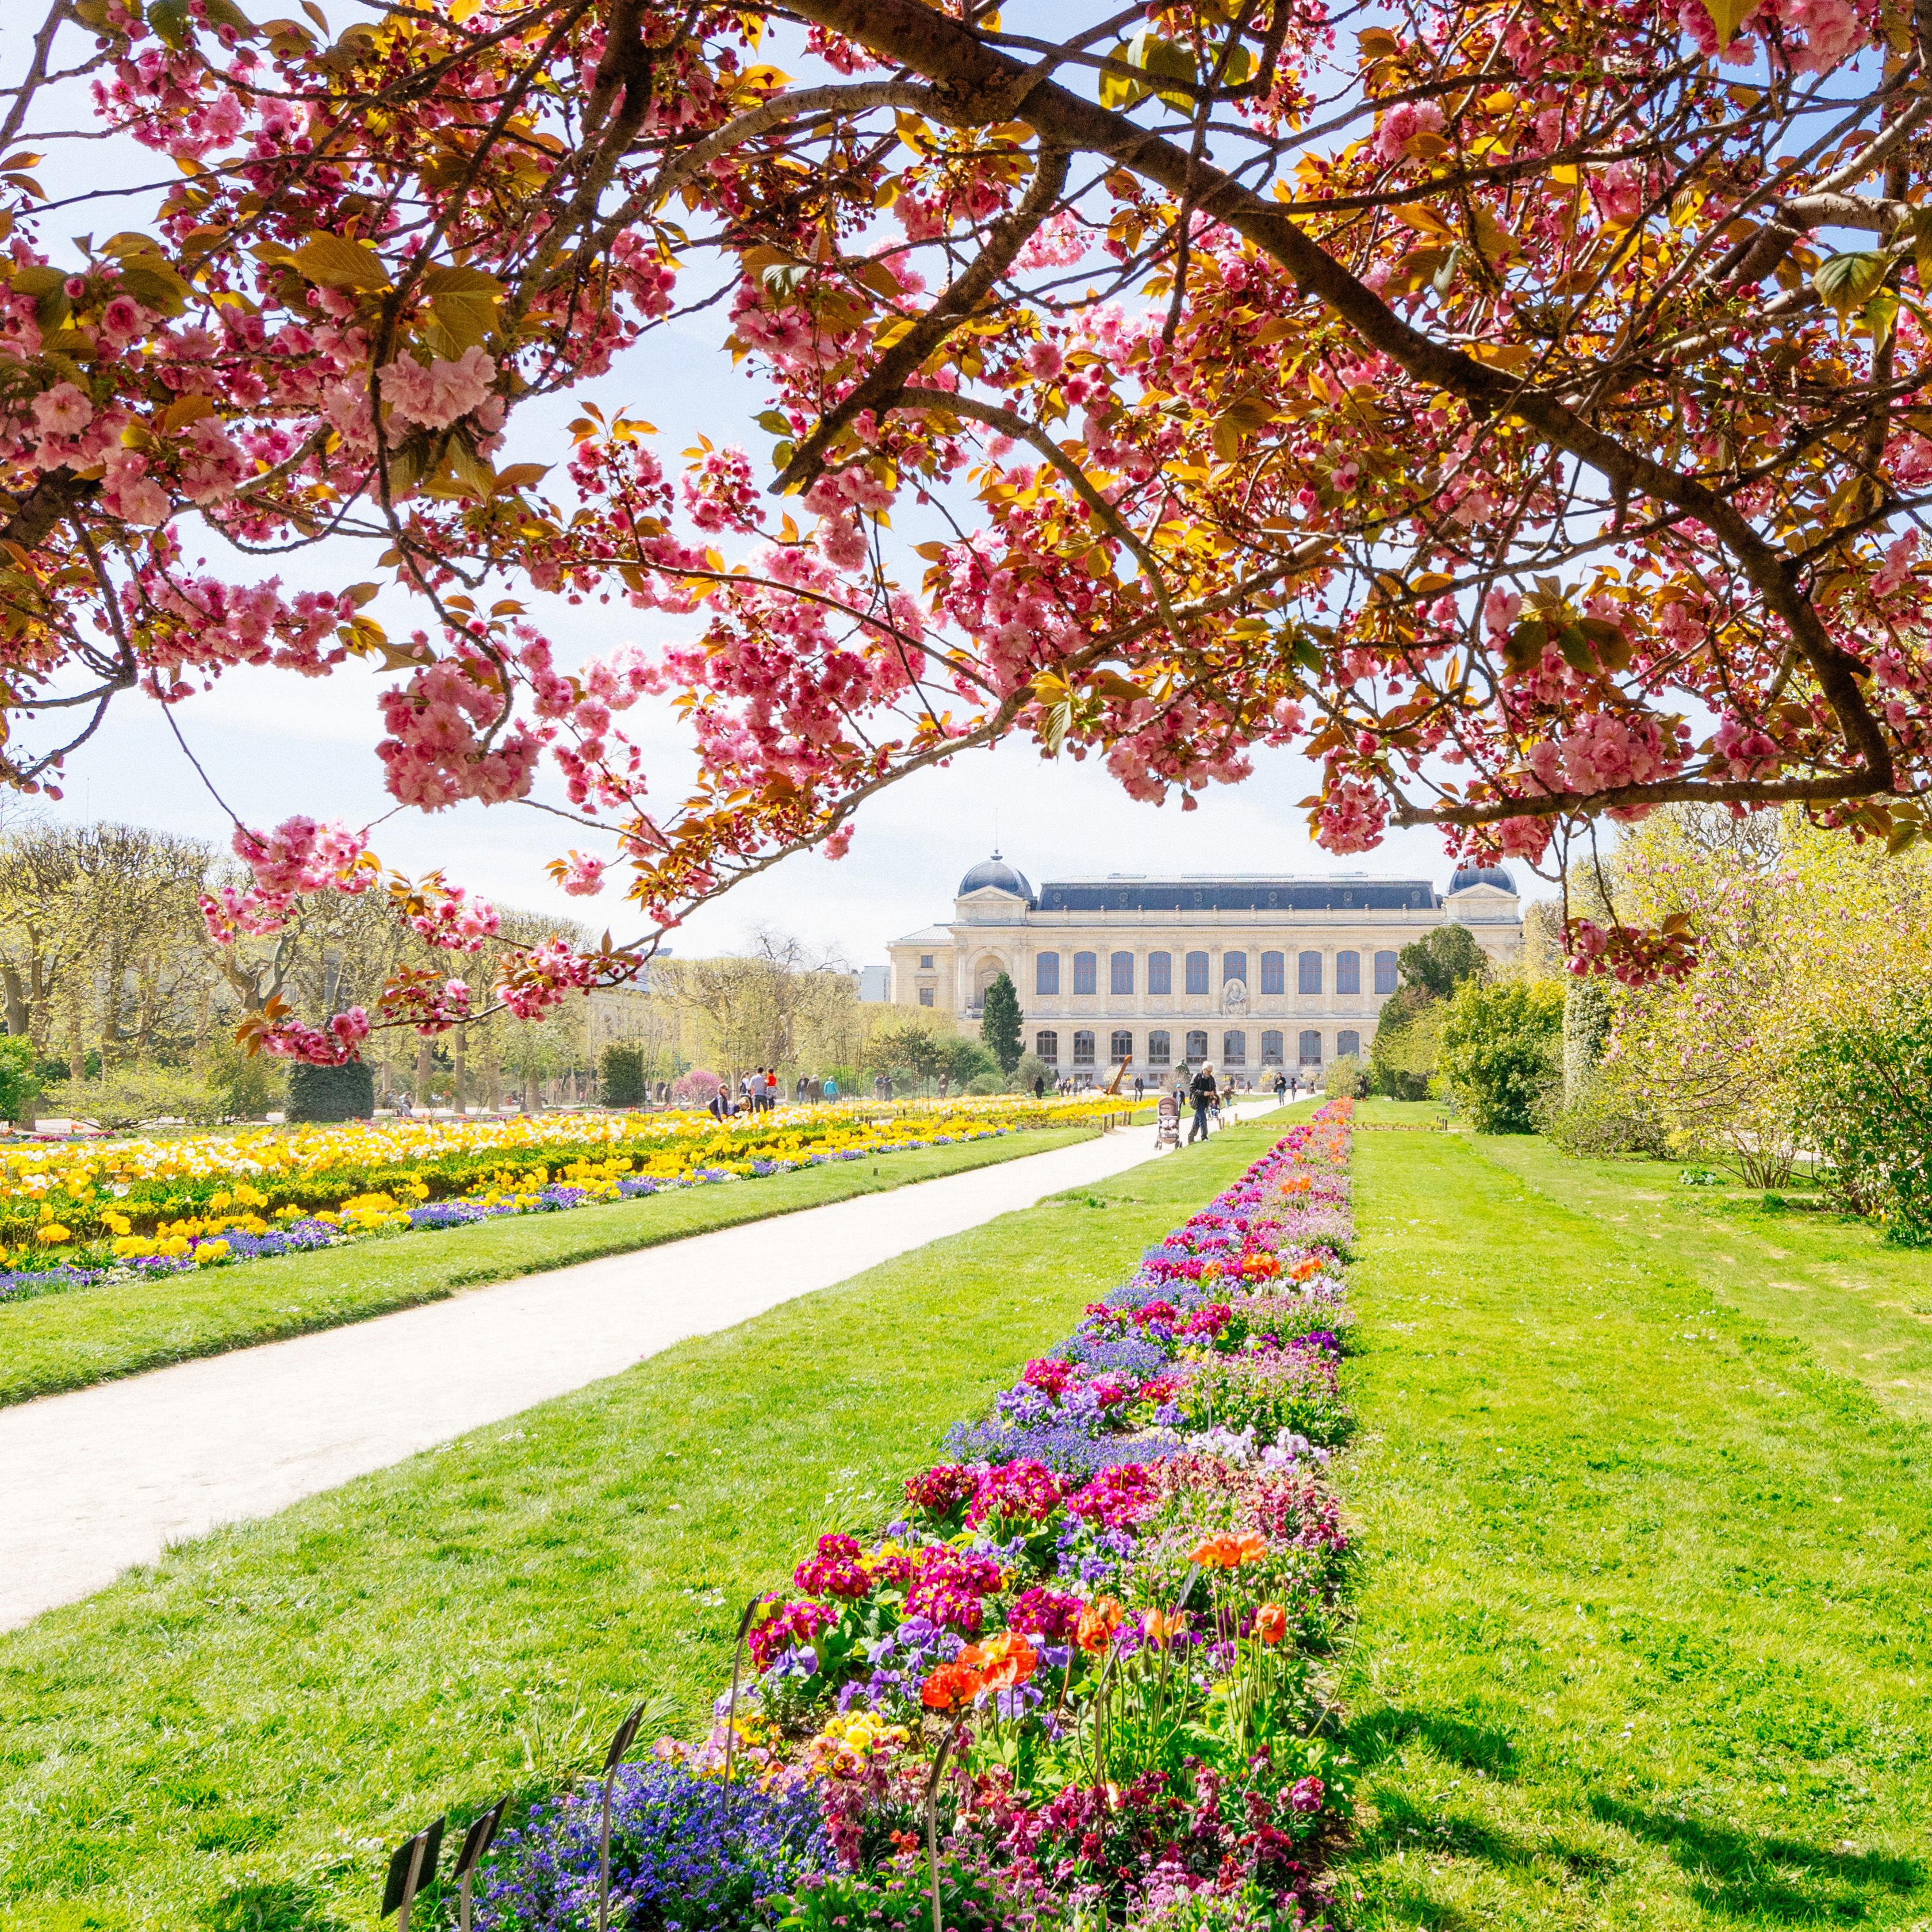 Jardin des Plantes au printemps%252C parterre de fleurs%252C Paris 2016. CRT IDF%252FLiiinks%252FQuincy